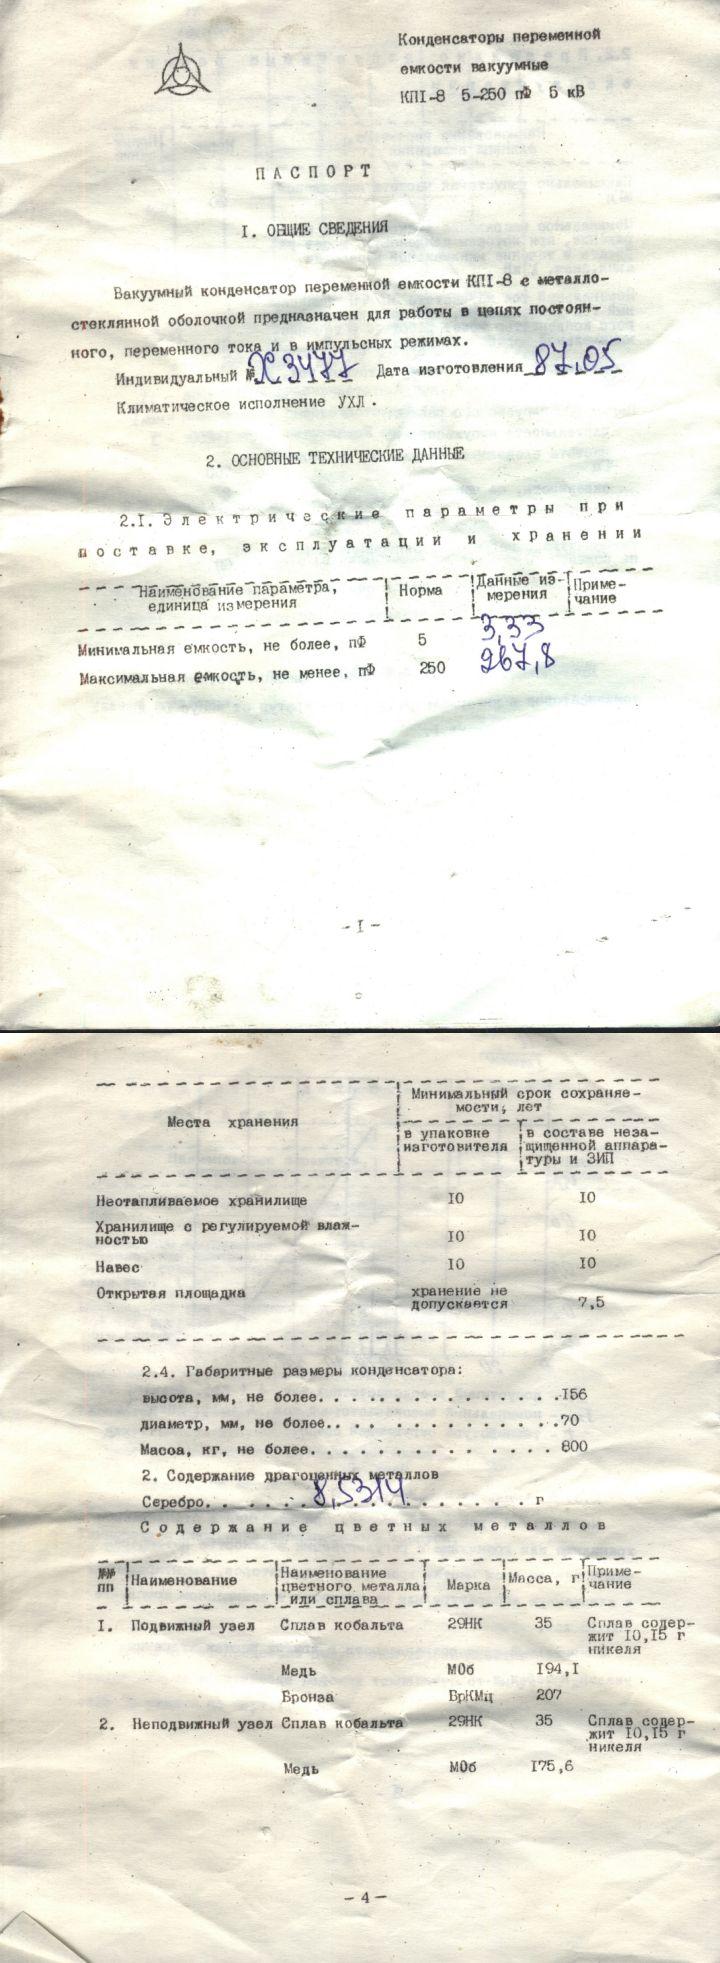 Формуляр КП1-8 5-250